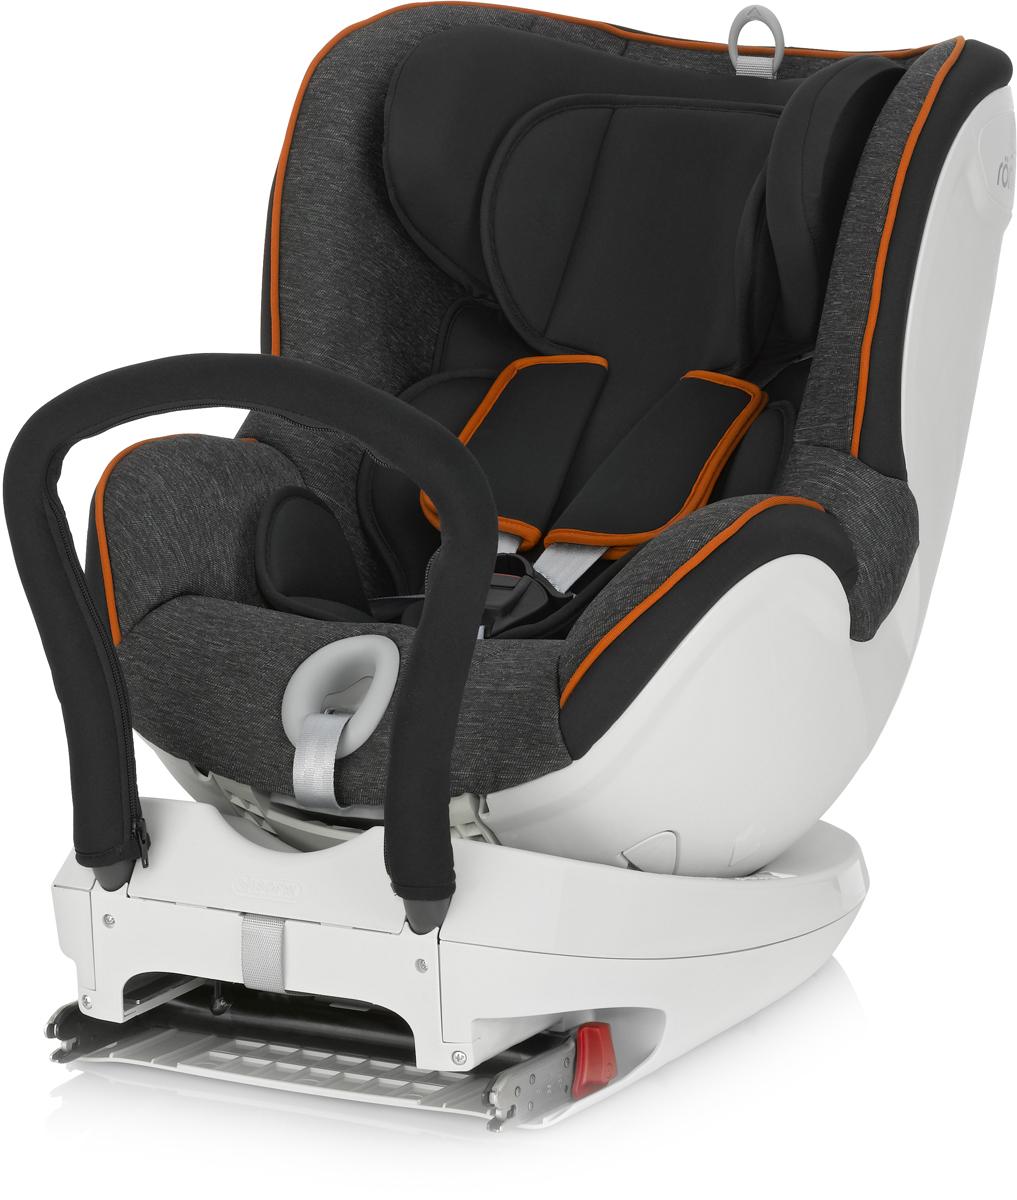 Romer Автокресло Dualfix Black Marble2000022824Благодаря повороту кресла DUALFIX на 360° вы можете легко разместить своего ребенка в сиденье и устанавливать кресло как по ходу движения, так и против движения автомобиля. Первоначально кресло используется в положение лицом против направления движения при весе ребенка до 9 кг, затем вы можете или оставить ребенка лицом против направления движения или повернуть его лицом по направлению движения. Благодаря такой гибкости кресло подходит для новорожденных и для детей старшего возраста. Кресло оснащено всеми устройствами обеспечения безопасности, которые вы привыкли видеть у BRITAX&ROMER, например, креплением ISOFIX и 5-точечным ремнем безопасности. Неважно, сколько лет вашему ребенку и какой его рост - вы можете быть уверены, что он будет в безопасности. Отличительные особенности: Система ремней безопасности с пятиточечным креплением, регулируемая однократным натяжением, равномерно распределяет силу удара, также позволяет отрегулировать ремни по размеру вашего ребенка и защищает ребенка в кресле независимо от направления удара.Выбор положения: лицом против направления движения или по направлению движения (для ребенка весом от 9 до 18 кг). Вращение сиденья на 360° облегчает поворот кресла по направлению движения или против направления движения без необходимости снятия кресла, благодаря ему можно посадить ребенка в кресло сбоку. Система ISOFIX. Обеспечивает быструю и надежную установку кресел в автомобиле. Наклон в различные положения обеспечивает вашему ребенку удобное положение для сна, которое вы можете отрегулировать, не тревожа ребенка. Вставка для новорожденных обеспечивает дополнительный комфорт и поддержку для малыша. Регулируемый по высоте подголовник и ремни легко настраиваются одной рукой, что позволяют креслу расти вместе с ребенком. Глубокие мягкие боковины обеспечивают вашему ребенку оптимальную защиту при боковом ударе на всем сиденье. Накладки на ремни безопасности ограничивают движение ребенка вперед и погл